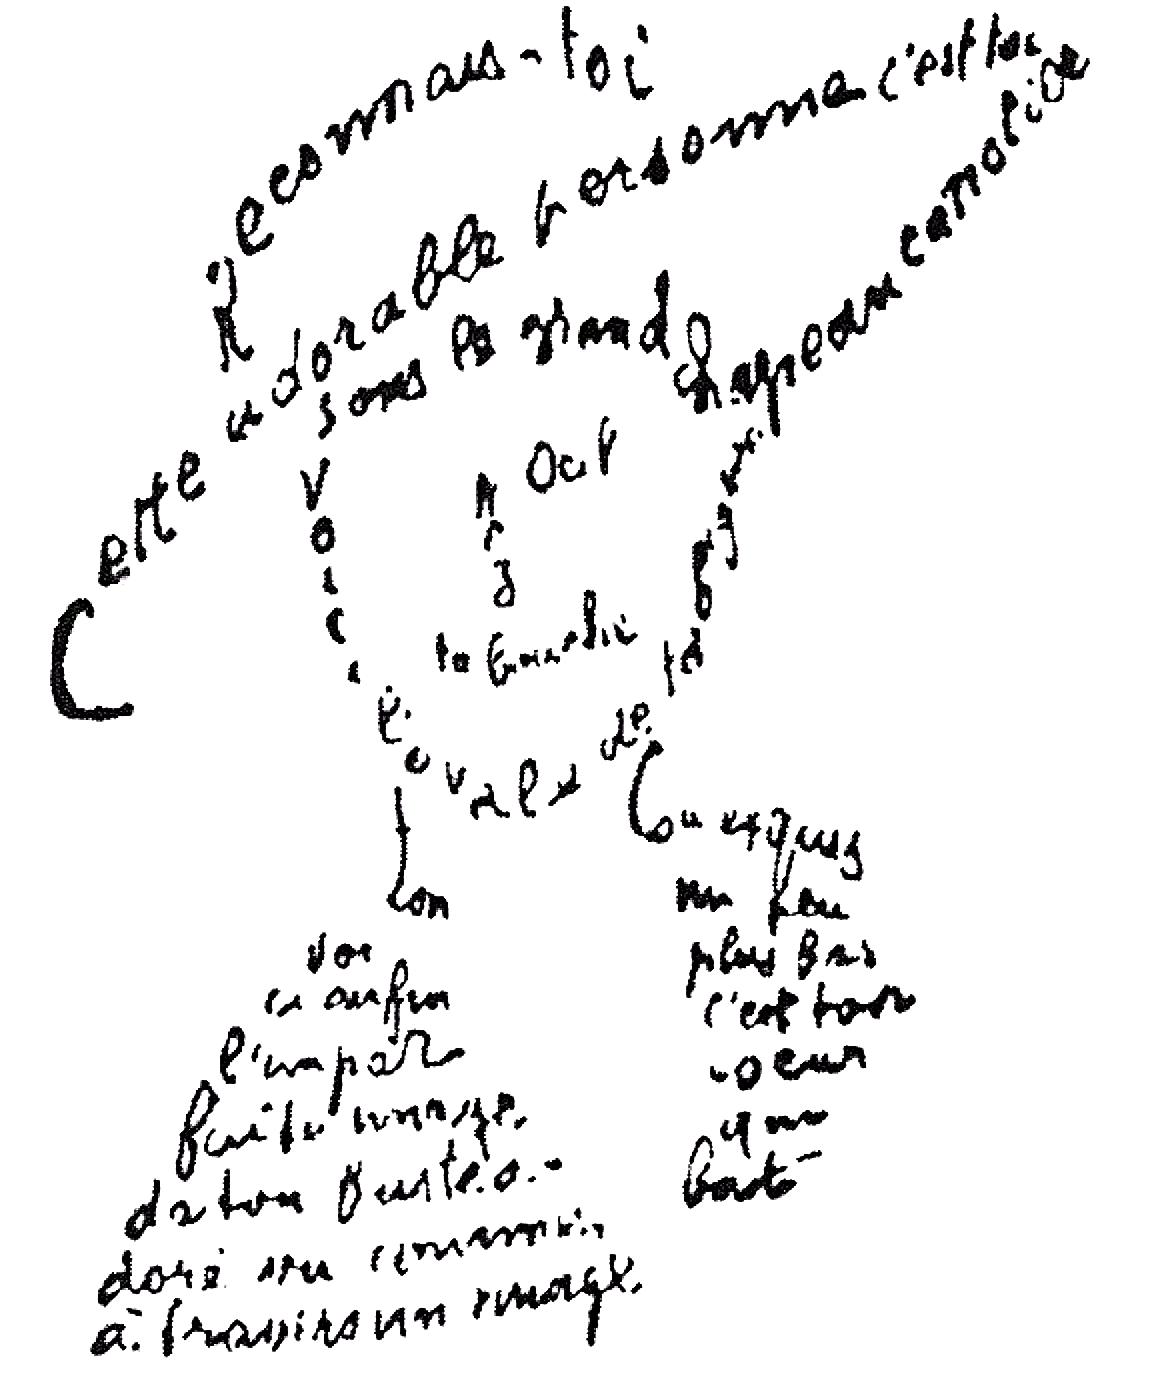 Caligrama y la Poesía visual. Ejemplo de caligrama de Guillaume Apollinaire